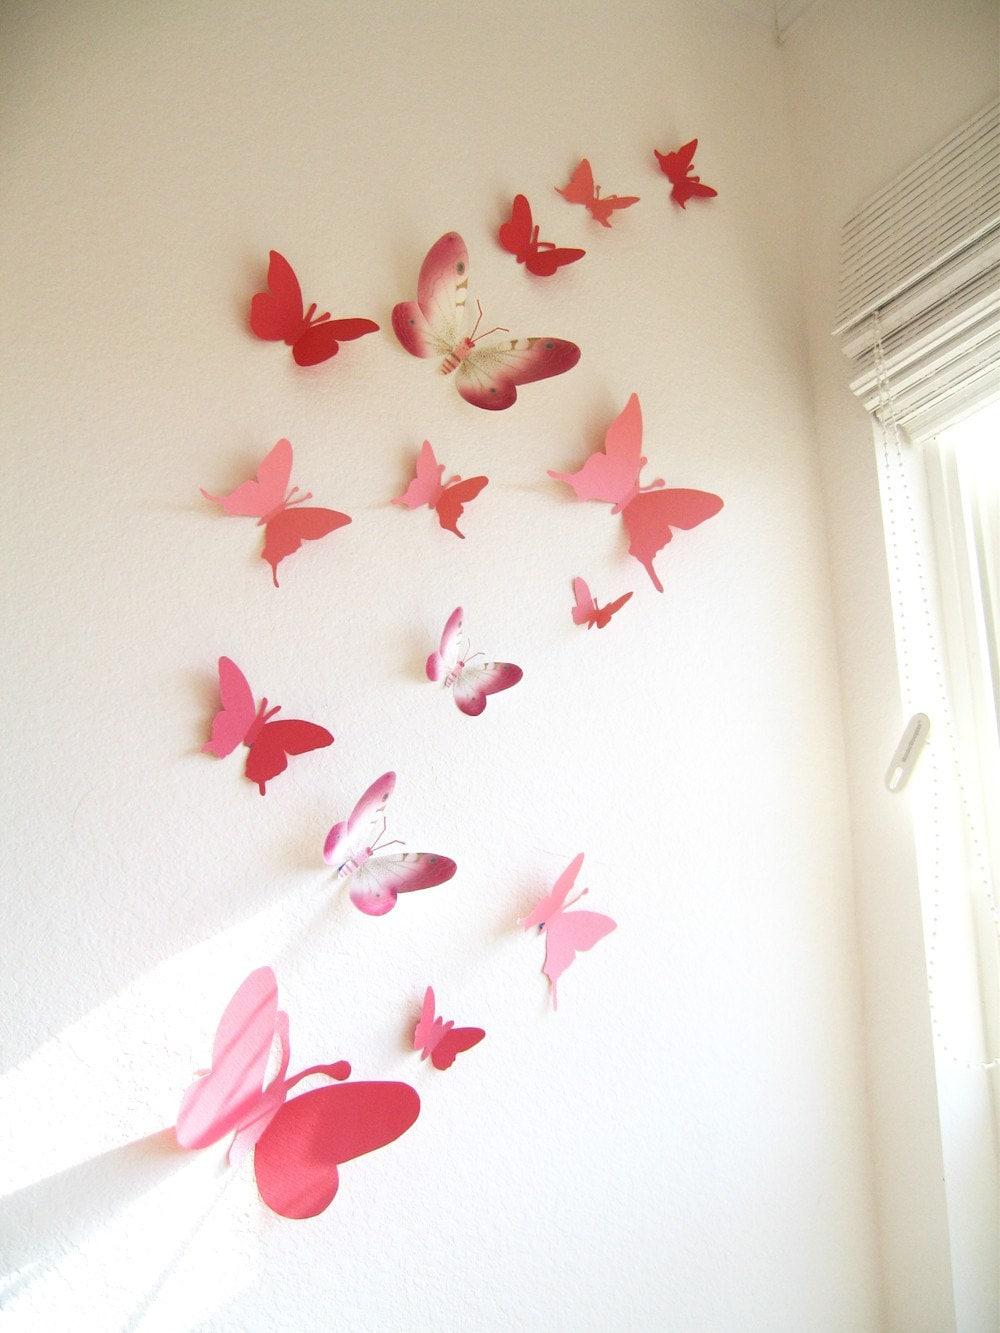 30 3D Wall Butterflies Paper Wall Decor 3DPink Red